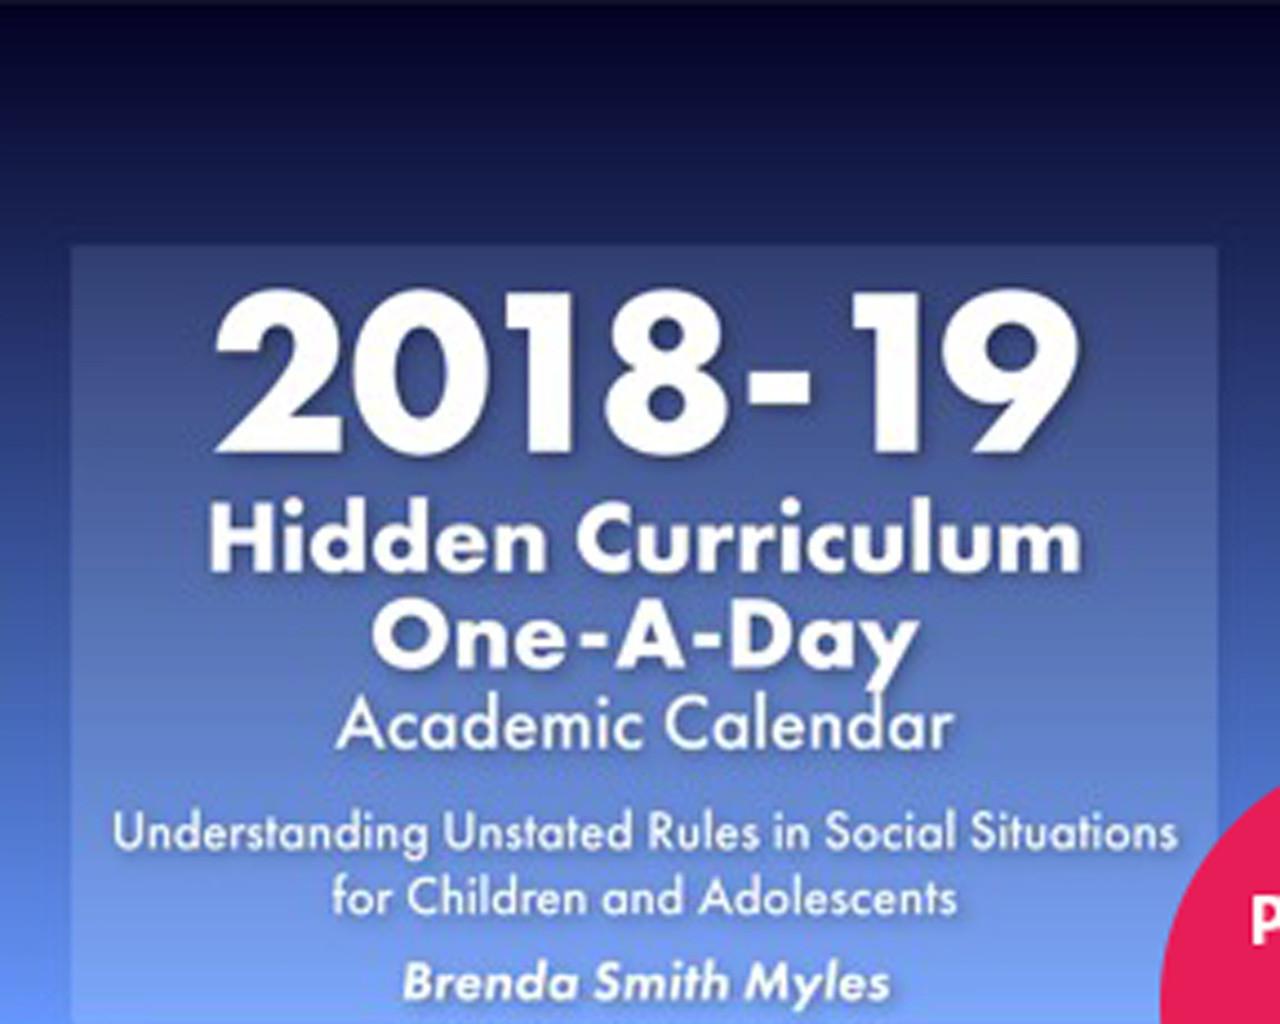 2018-2019 Hidden Curriculum Calendar